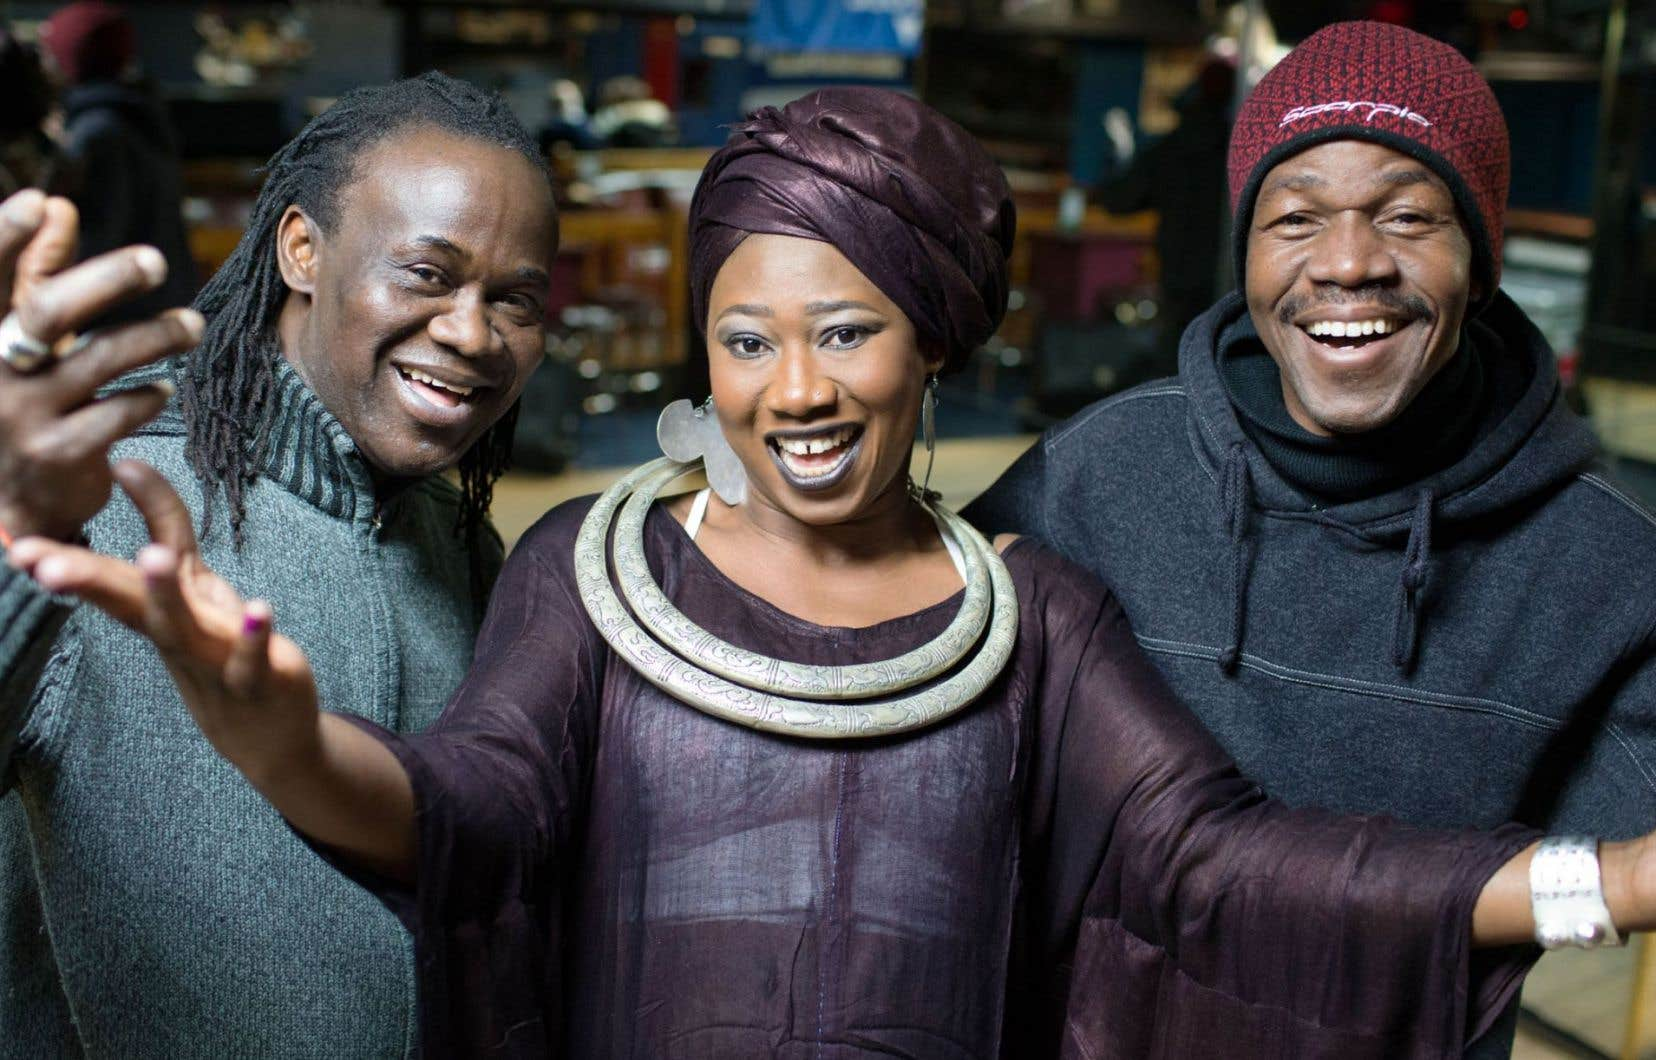 Le travail et la parole des griots Aboulaye Koné, Tapa Diarra et Zal Sissokho portent bien au-delà de la scène, jusque dans l'intimité du quotidien de ceux qui leur prêtent l'oreille.